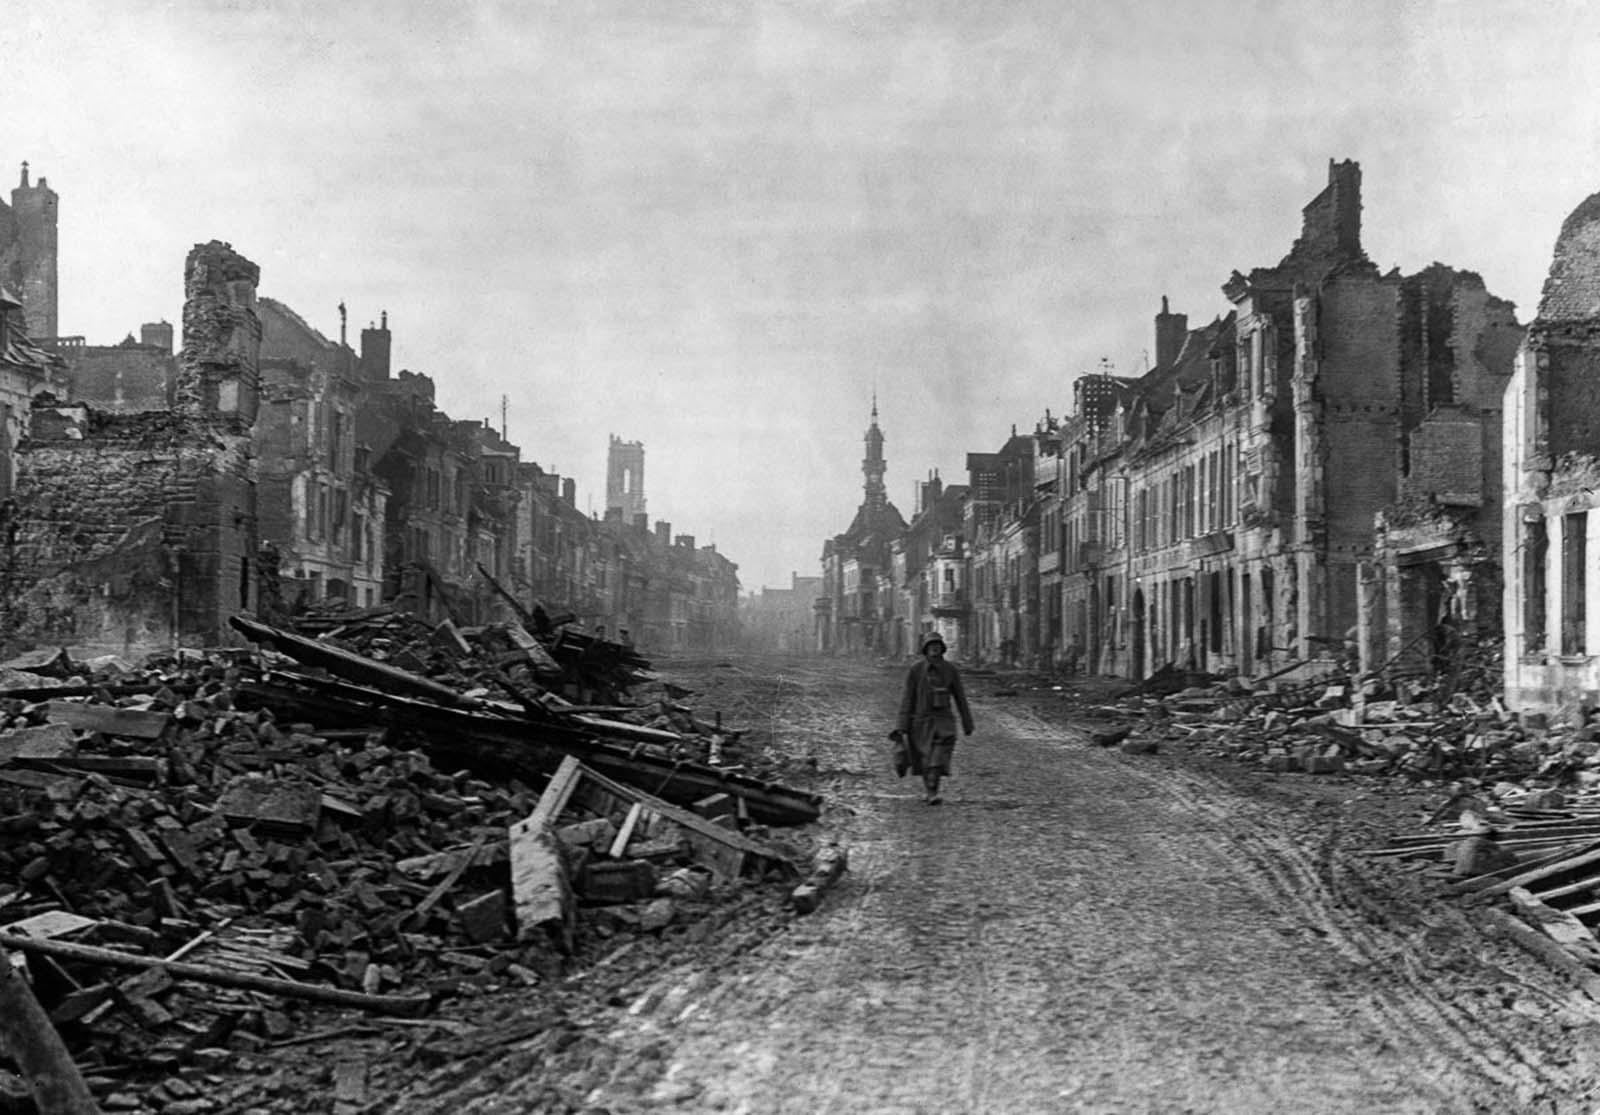 Un soldado alemán camina por las calles en ruinas de Peronne. Noviembre de 1916.